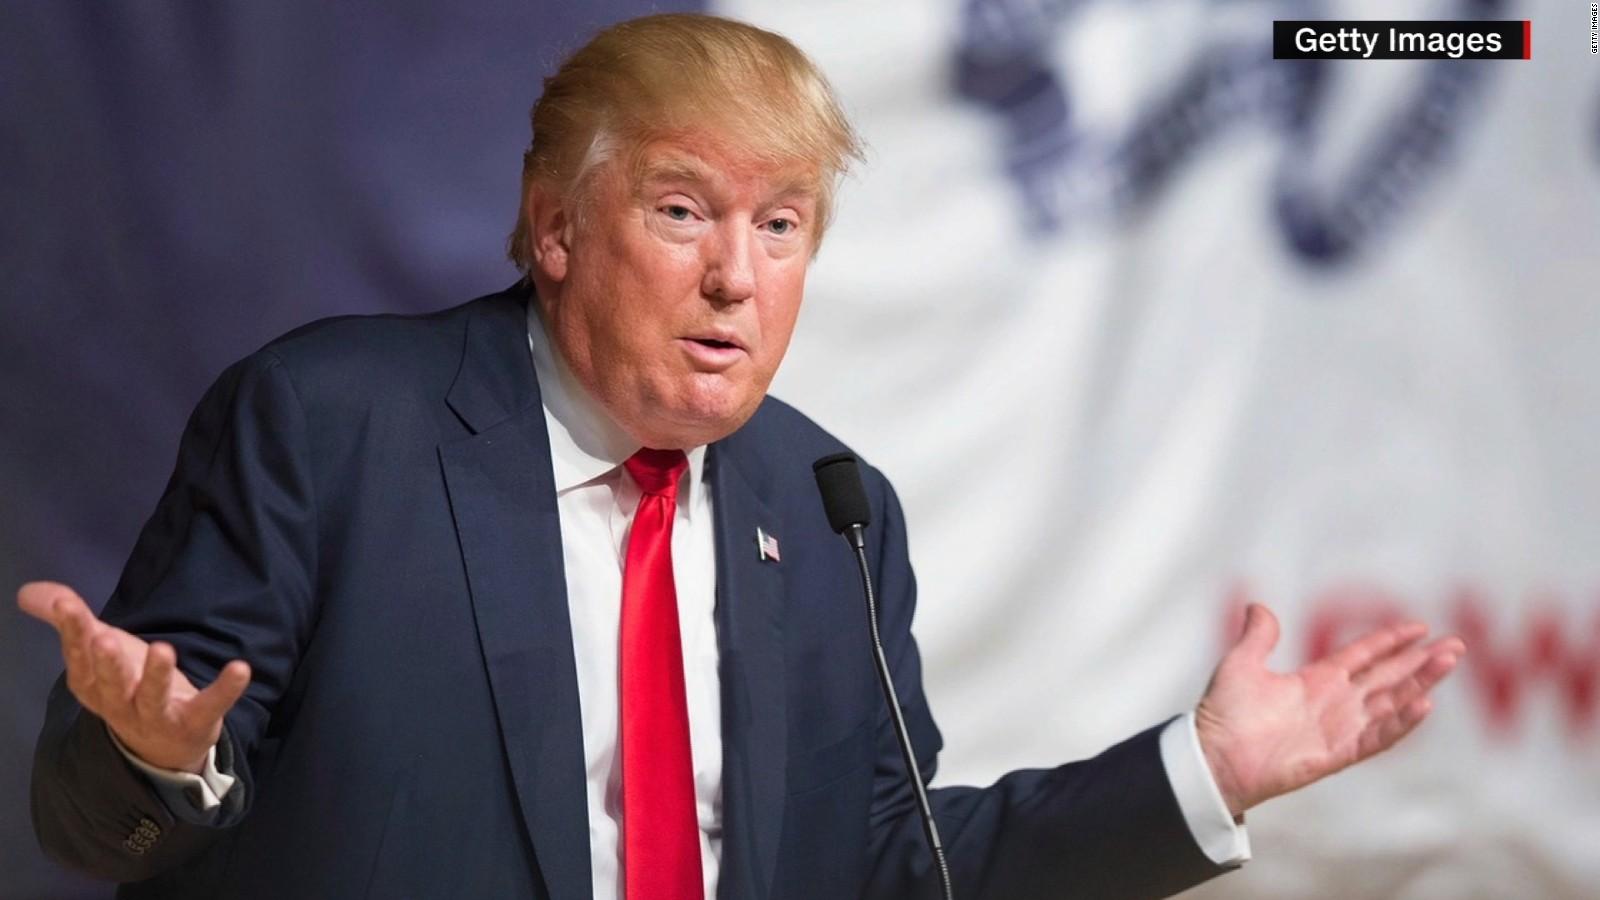 کنگره آمریکا: احتمال لغو اختیارات ترامپ در استفاده از سلاح های هسته ای به خاطر عدم تعادل روانی